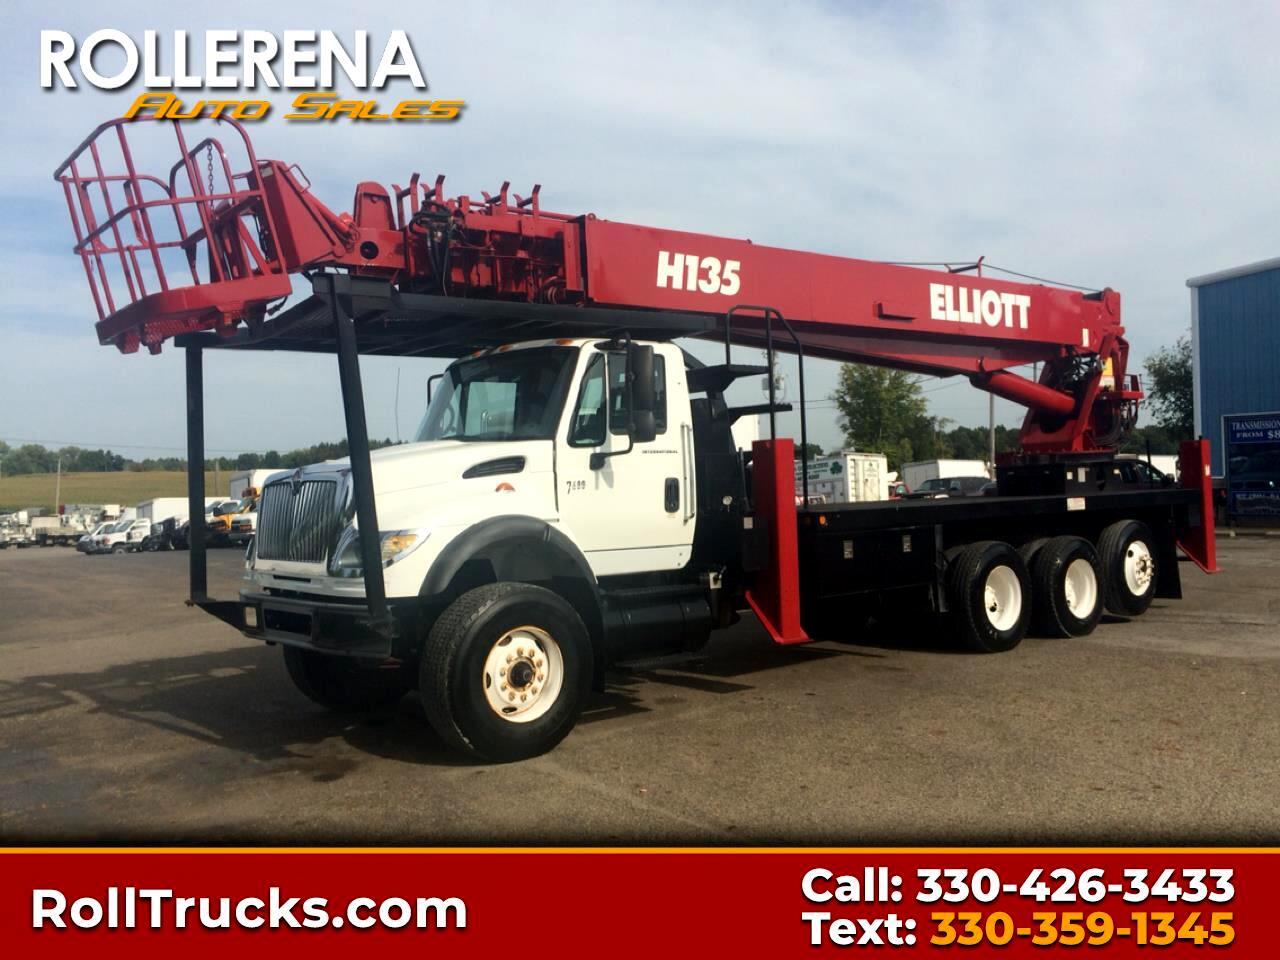 2007 International 7600 Elliott Bucket Truck